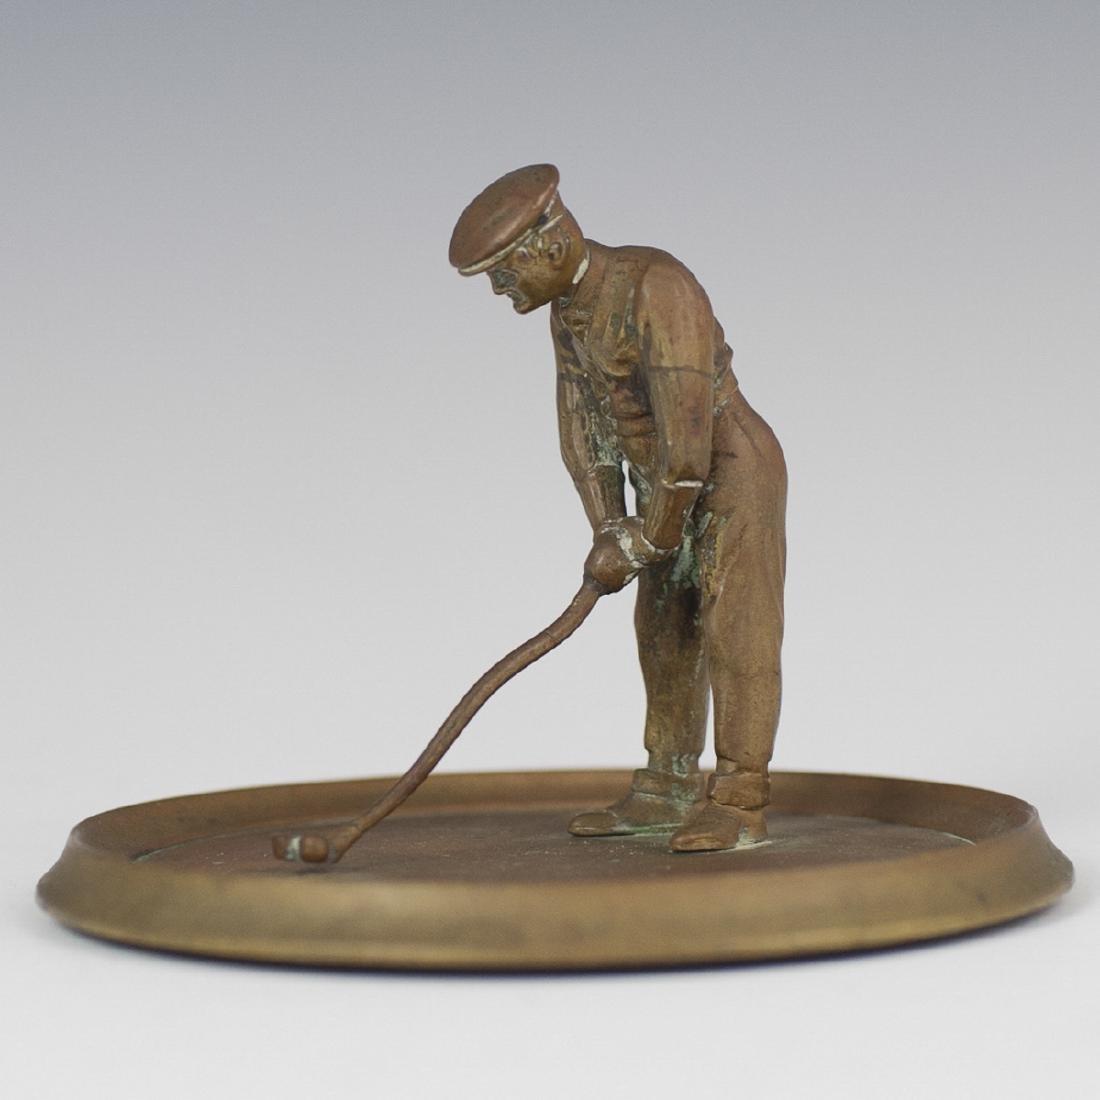 Antique Bronze Golfer Figurine